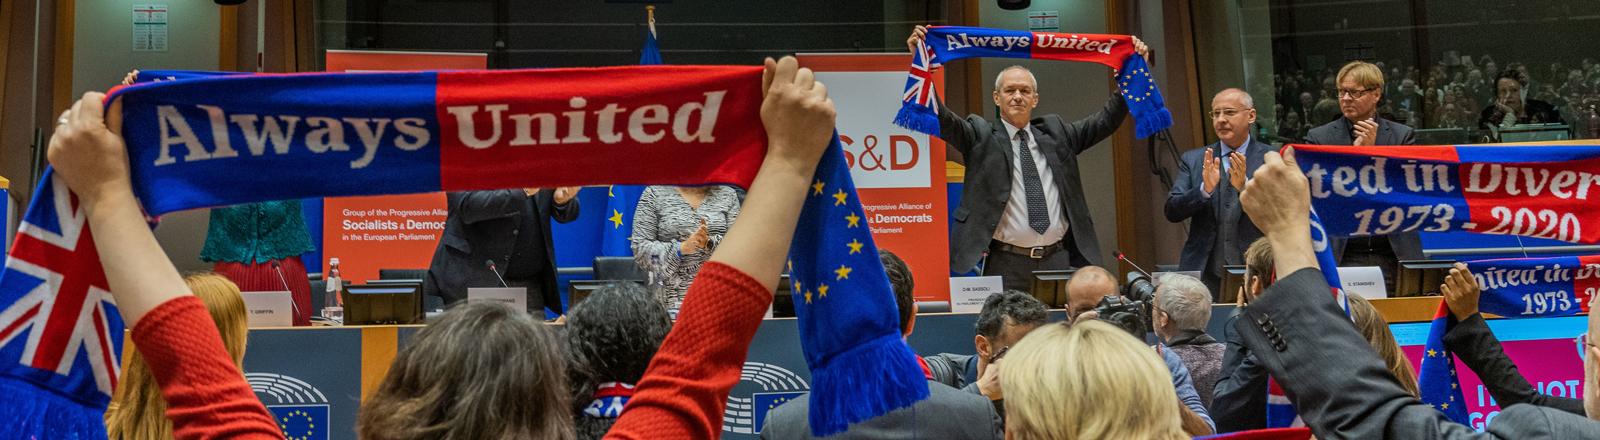 """29.01.2020, Belgien, Brüssel: Richard Corbett, (hinten 3.v.r) Vorsitzender der Labour Abgeordneten im Europaparlament, hält nach einer Fraktionssitzung einen Schal mit der Aufschrift """"Always United"""" hoch."""